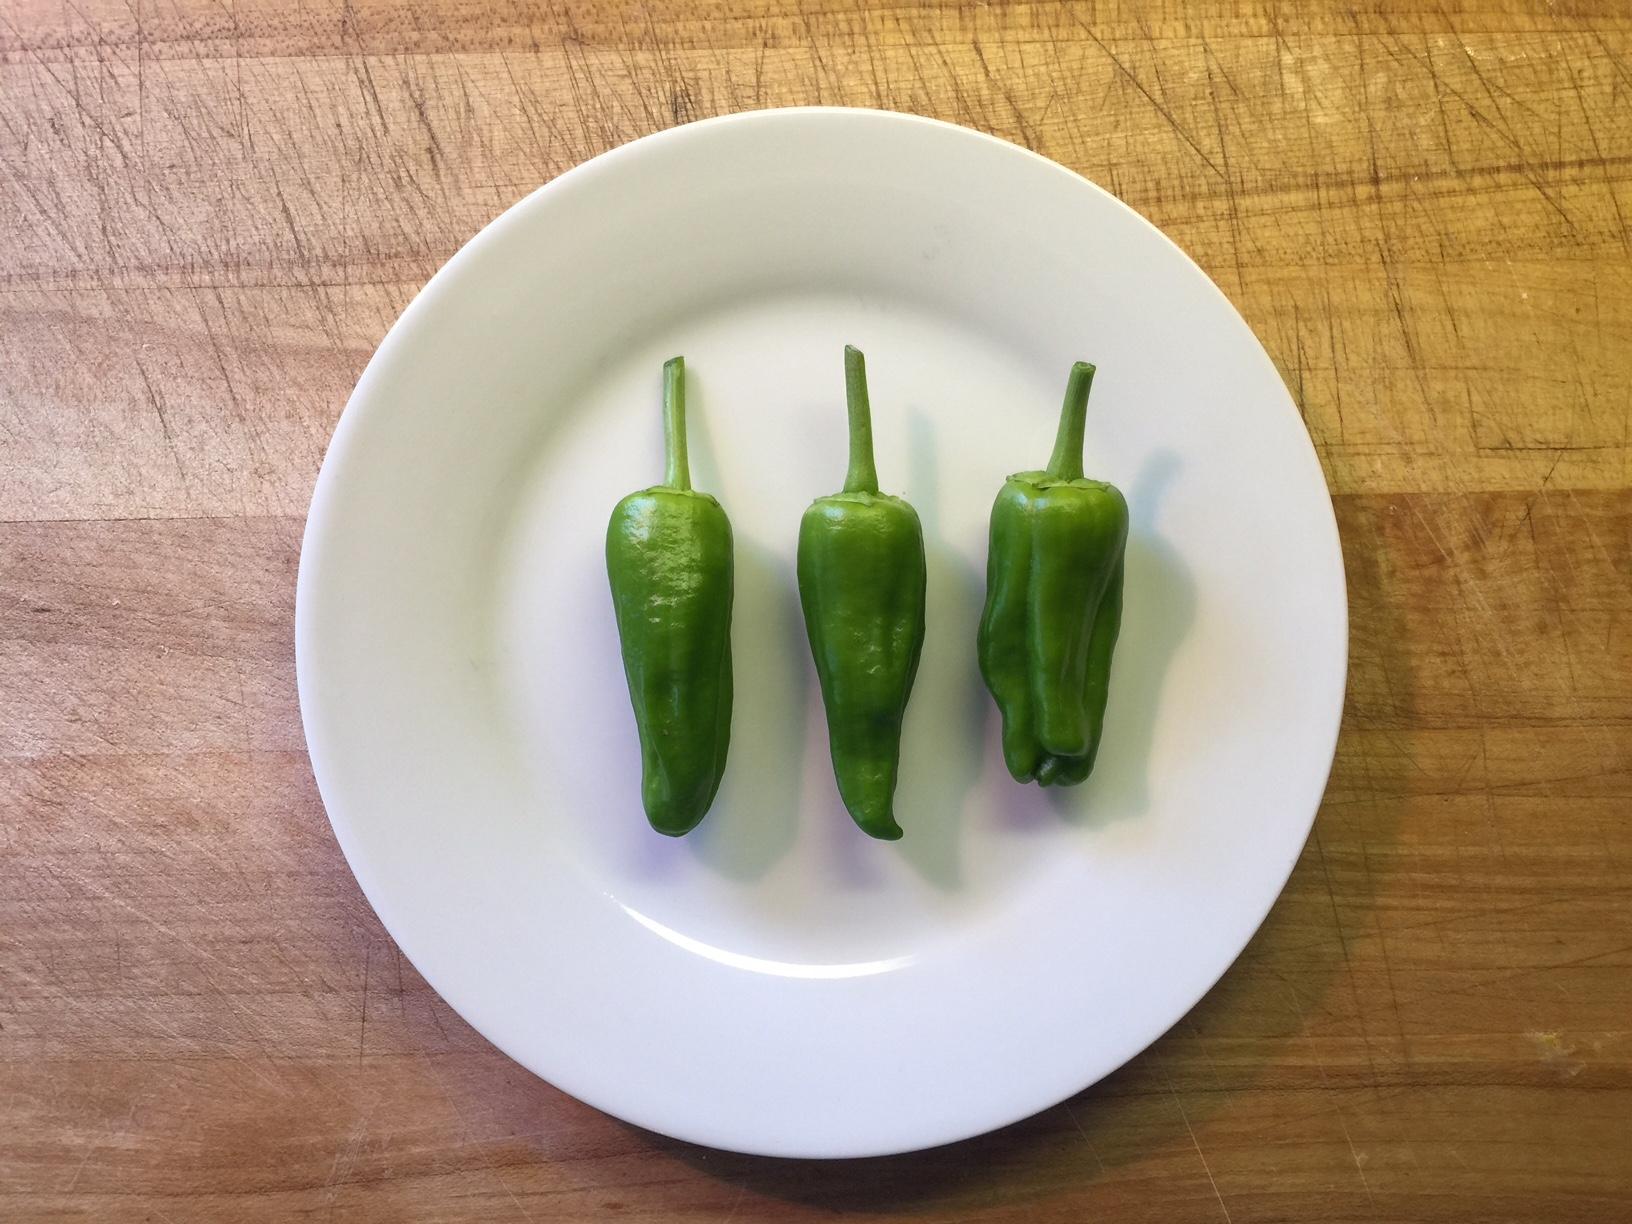 Raw Pimentos on a Plate 2.jpg